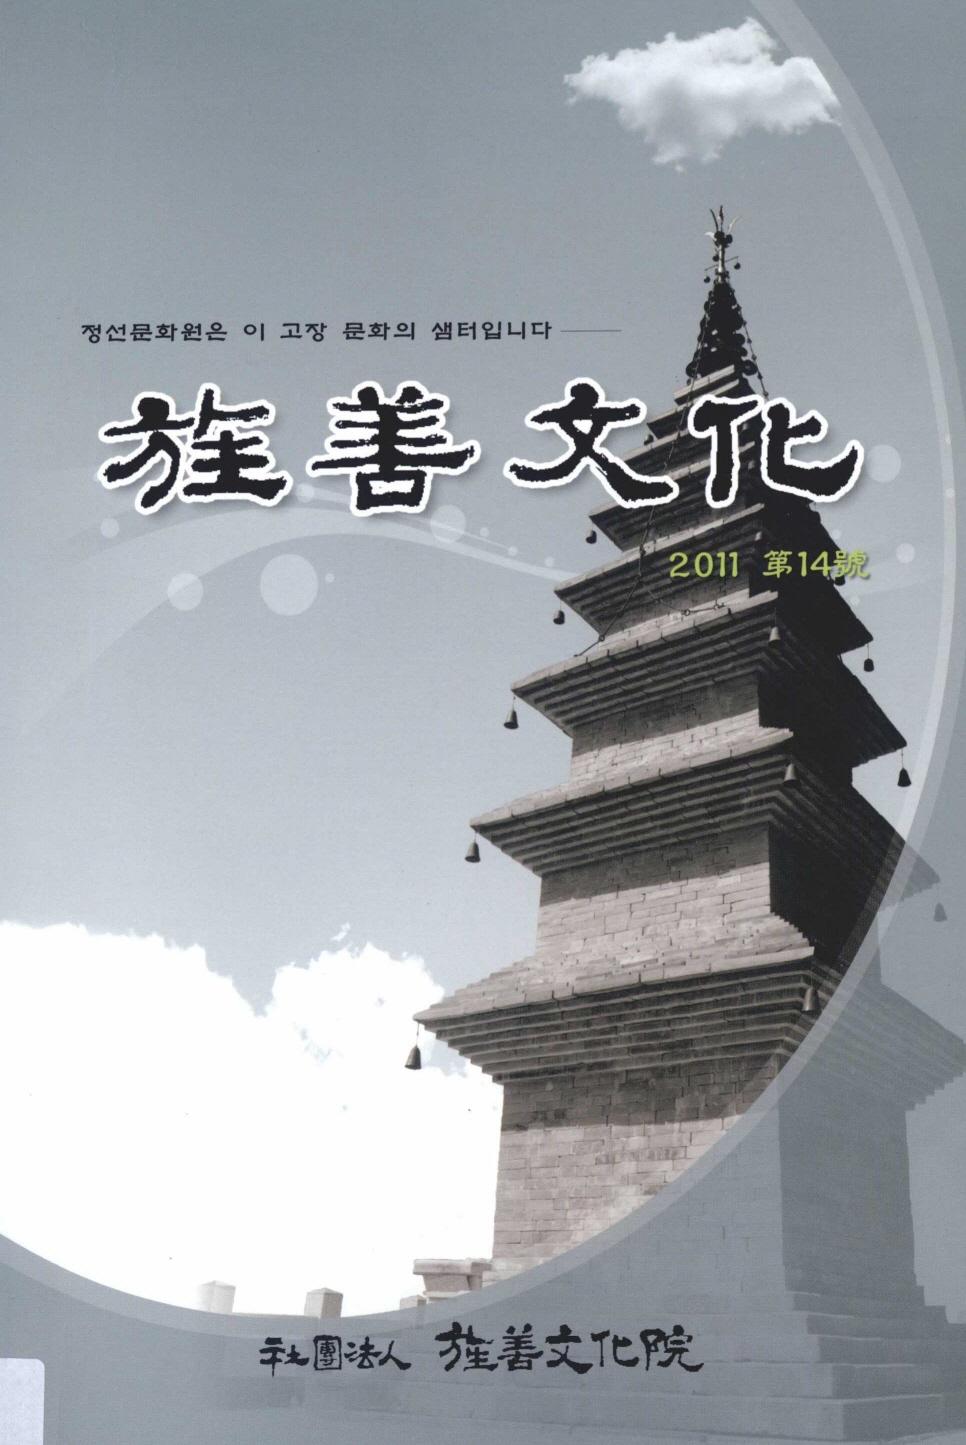 정선문화원은 이 고장 문화의 샘터입니다- 정선문화 2011 제14호